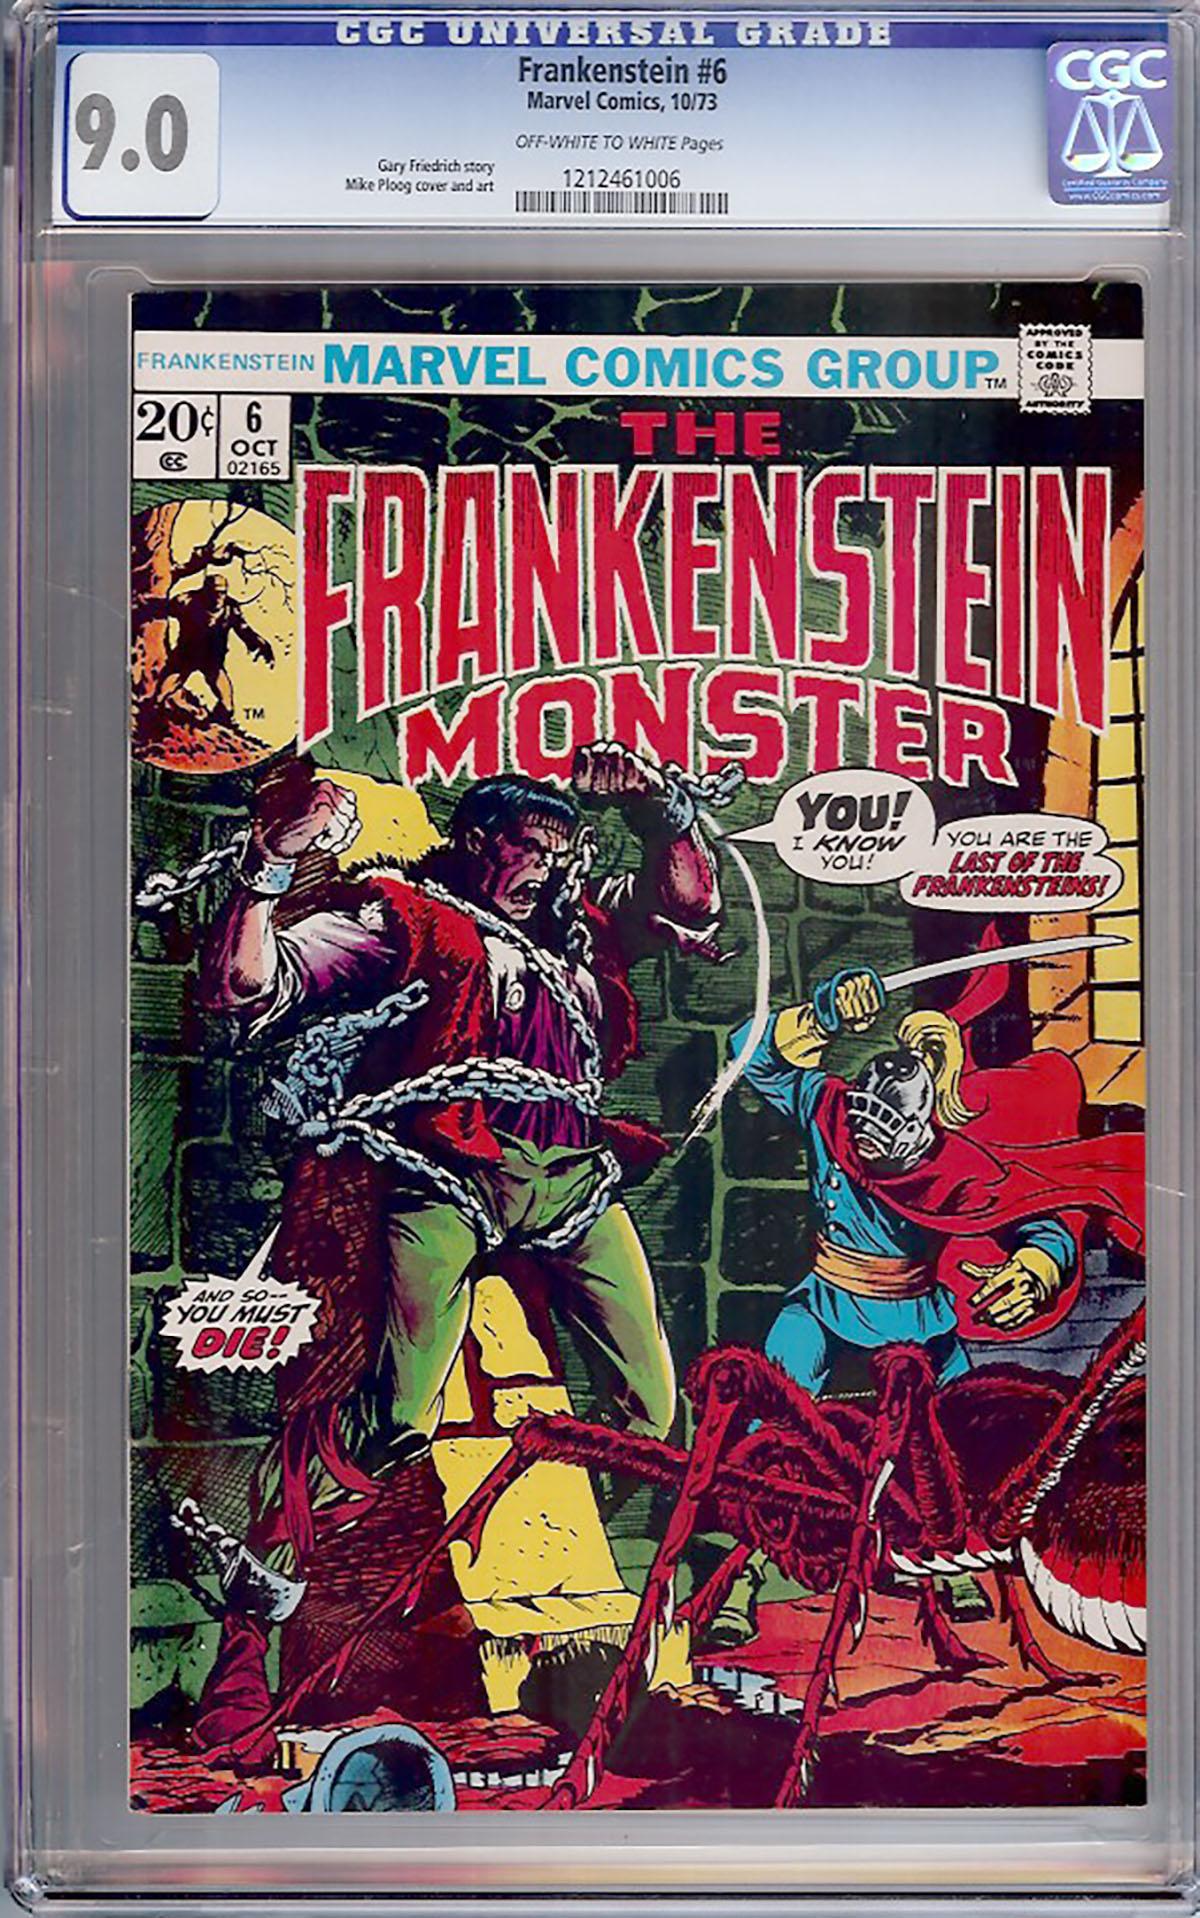 Frankenstein #6 CGC 9.0 ow/w